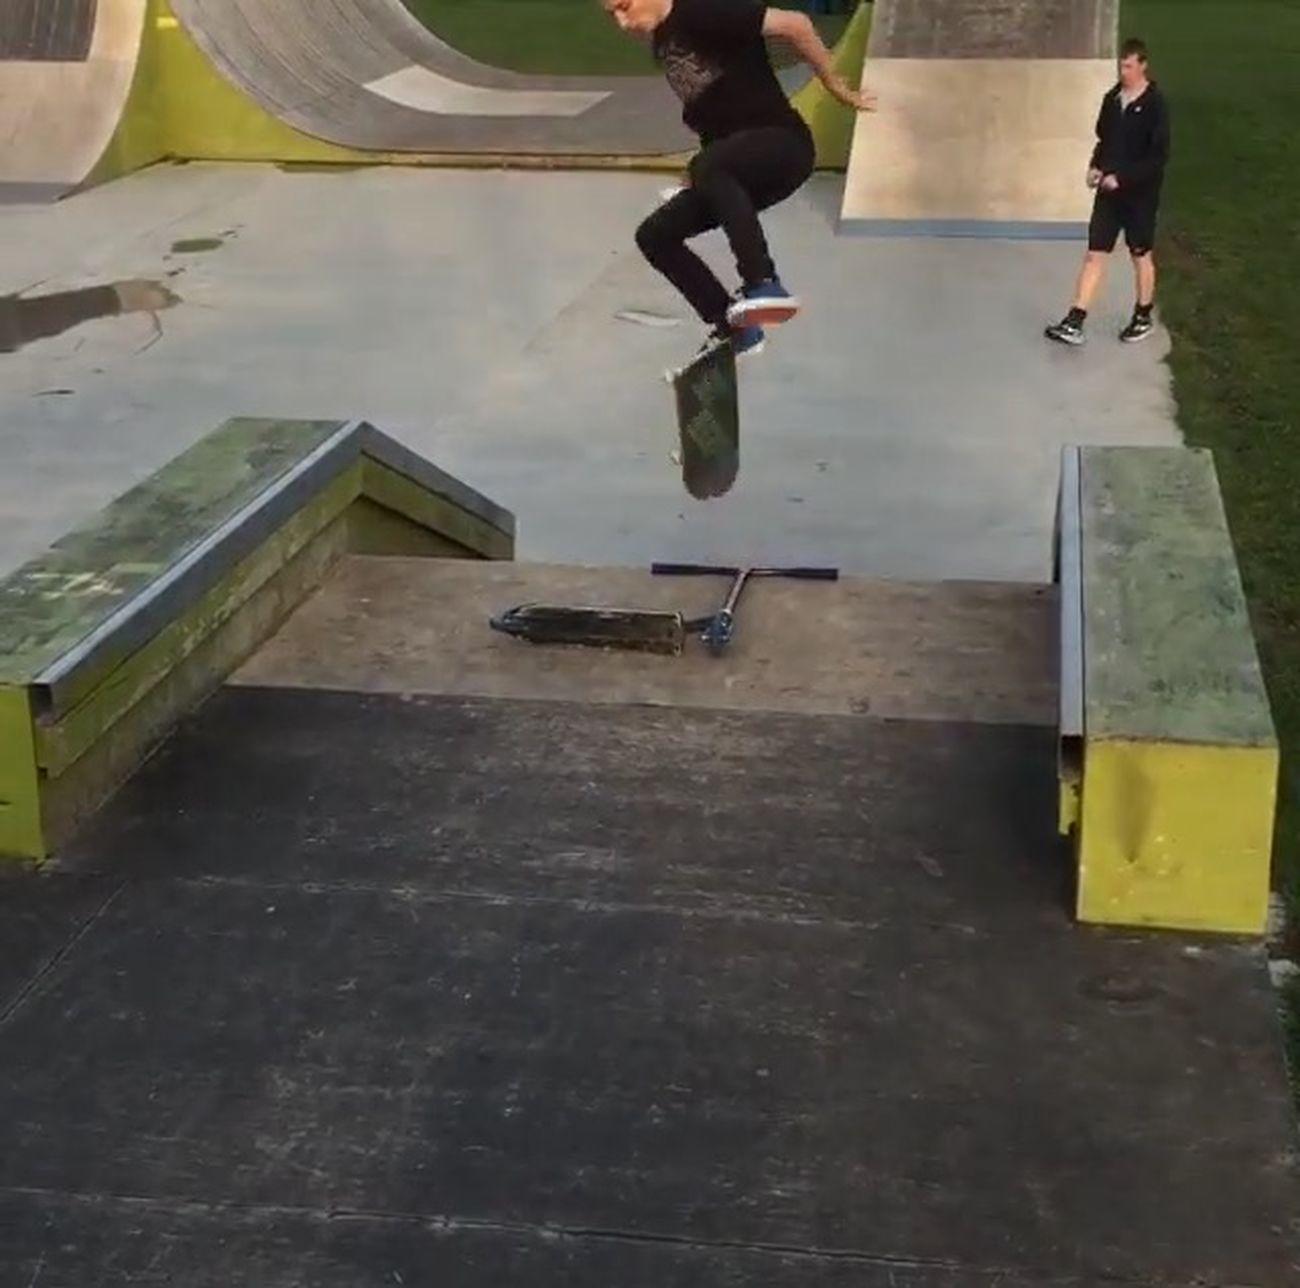 Skate Skateboard Skateboarding Skateuk Kickflip